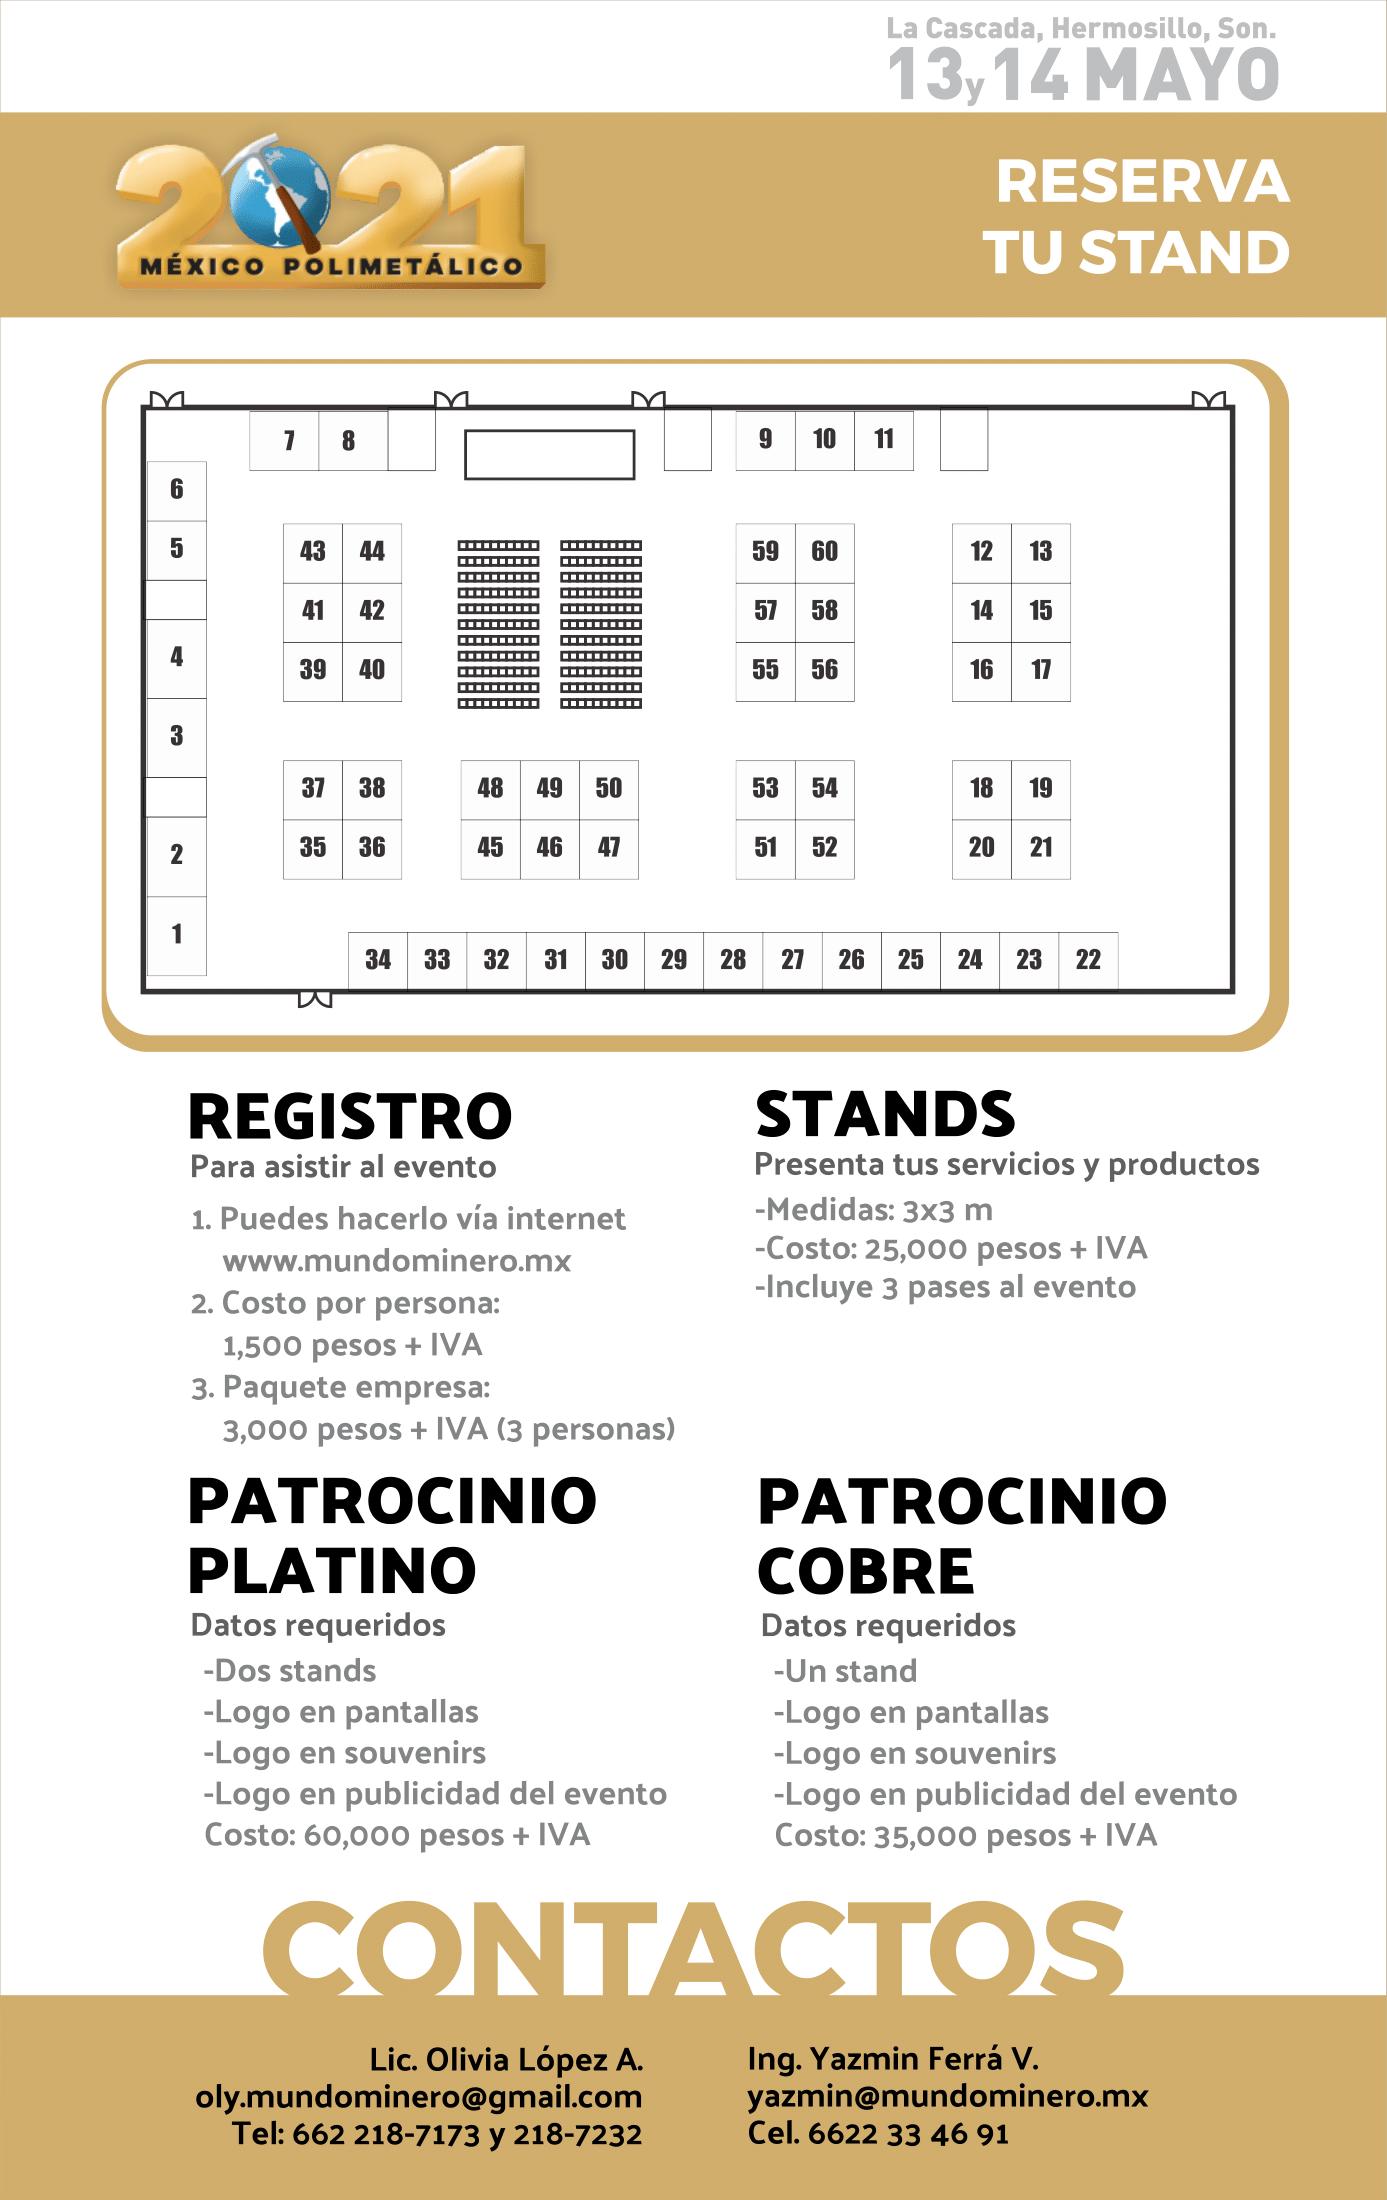 MEXICO POLIMETALICO 2021-5